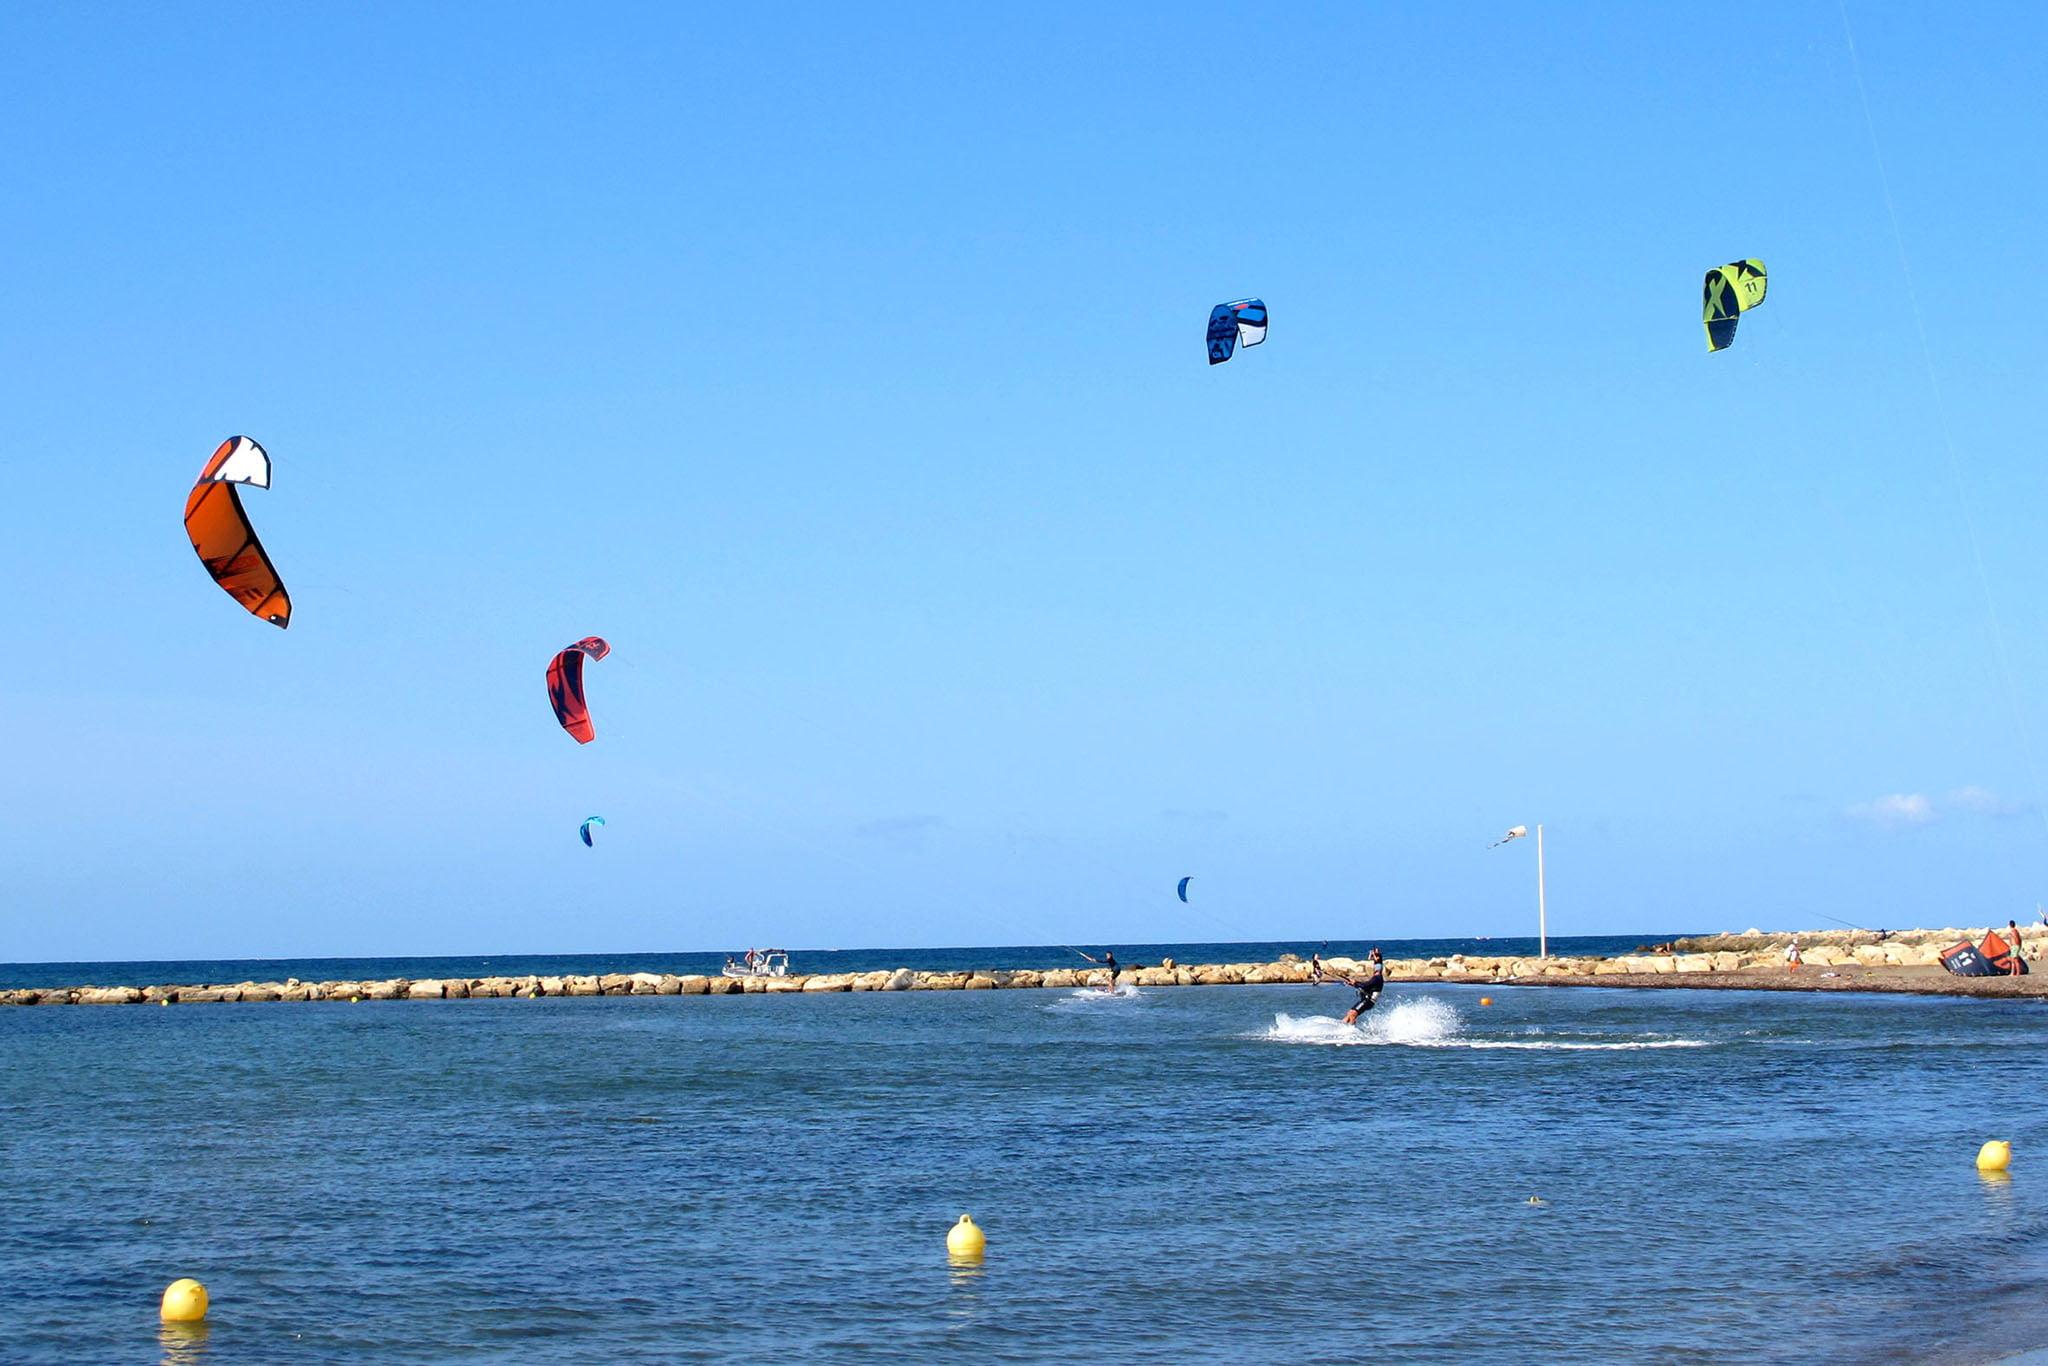 Bañistas practicando kite surf en la zona habilitada de El Raset